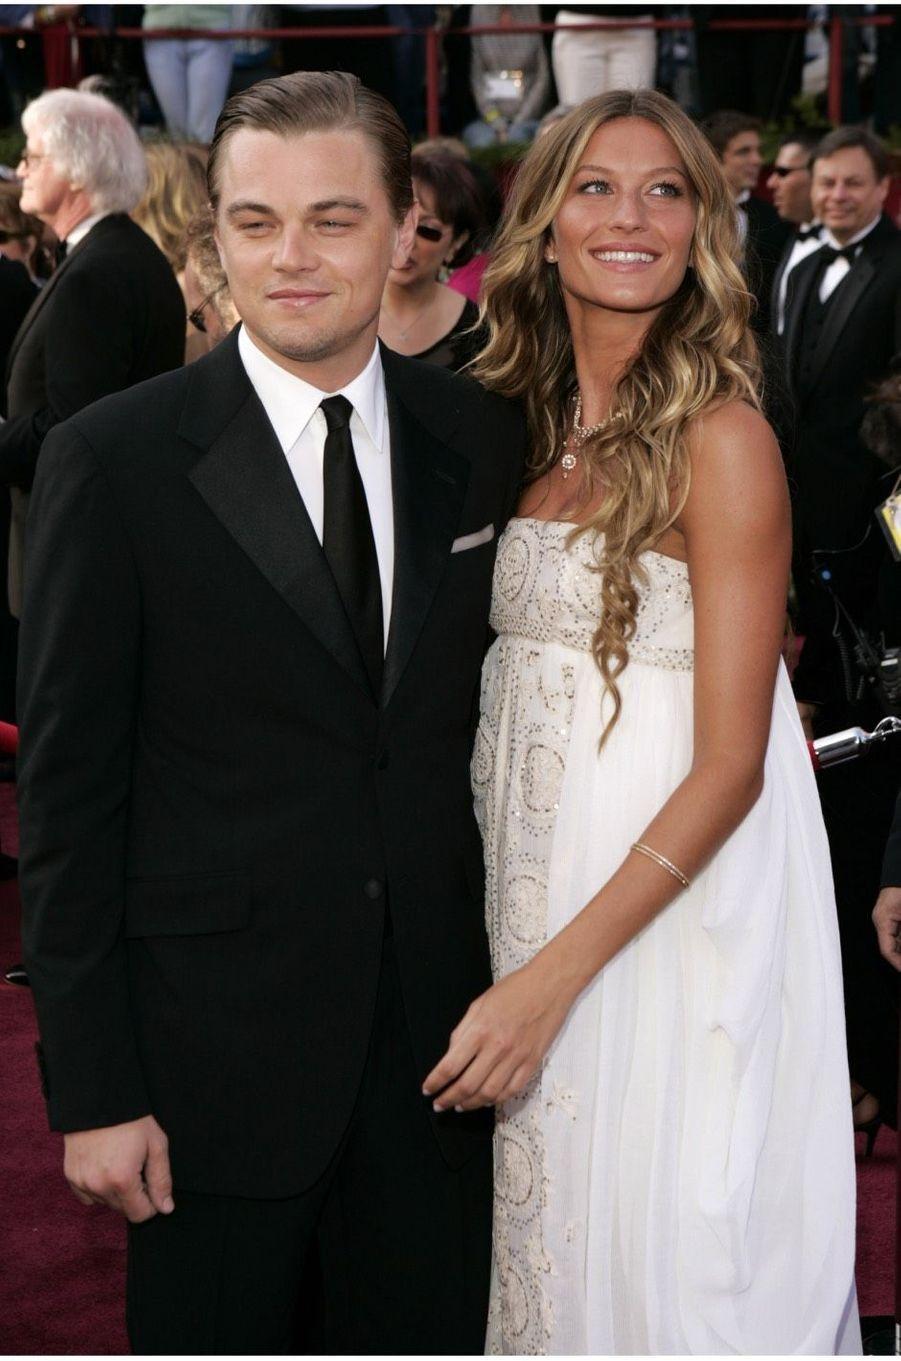 Leonardo DiCaprio et Gisele Bündchen en 2005. Ils se sont séparés en 2005 après cinq ans de relation.